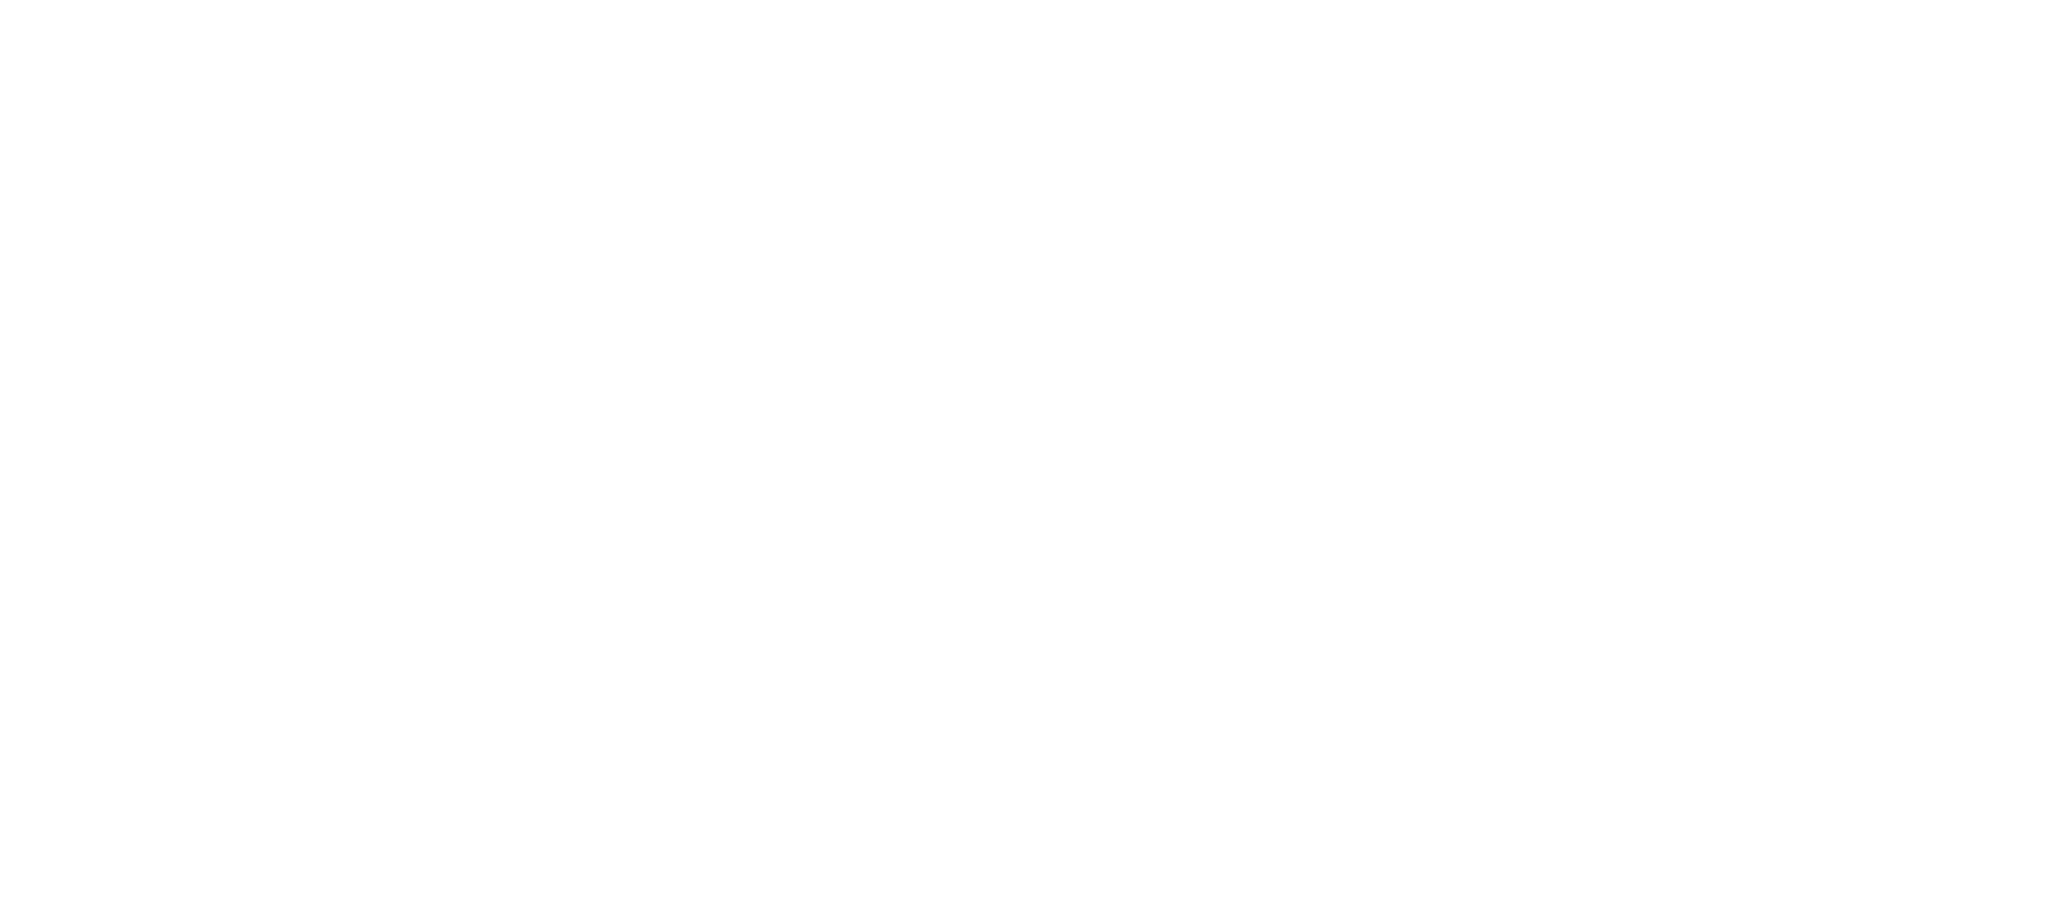 Communications Public Engagement Aps Logos